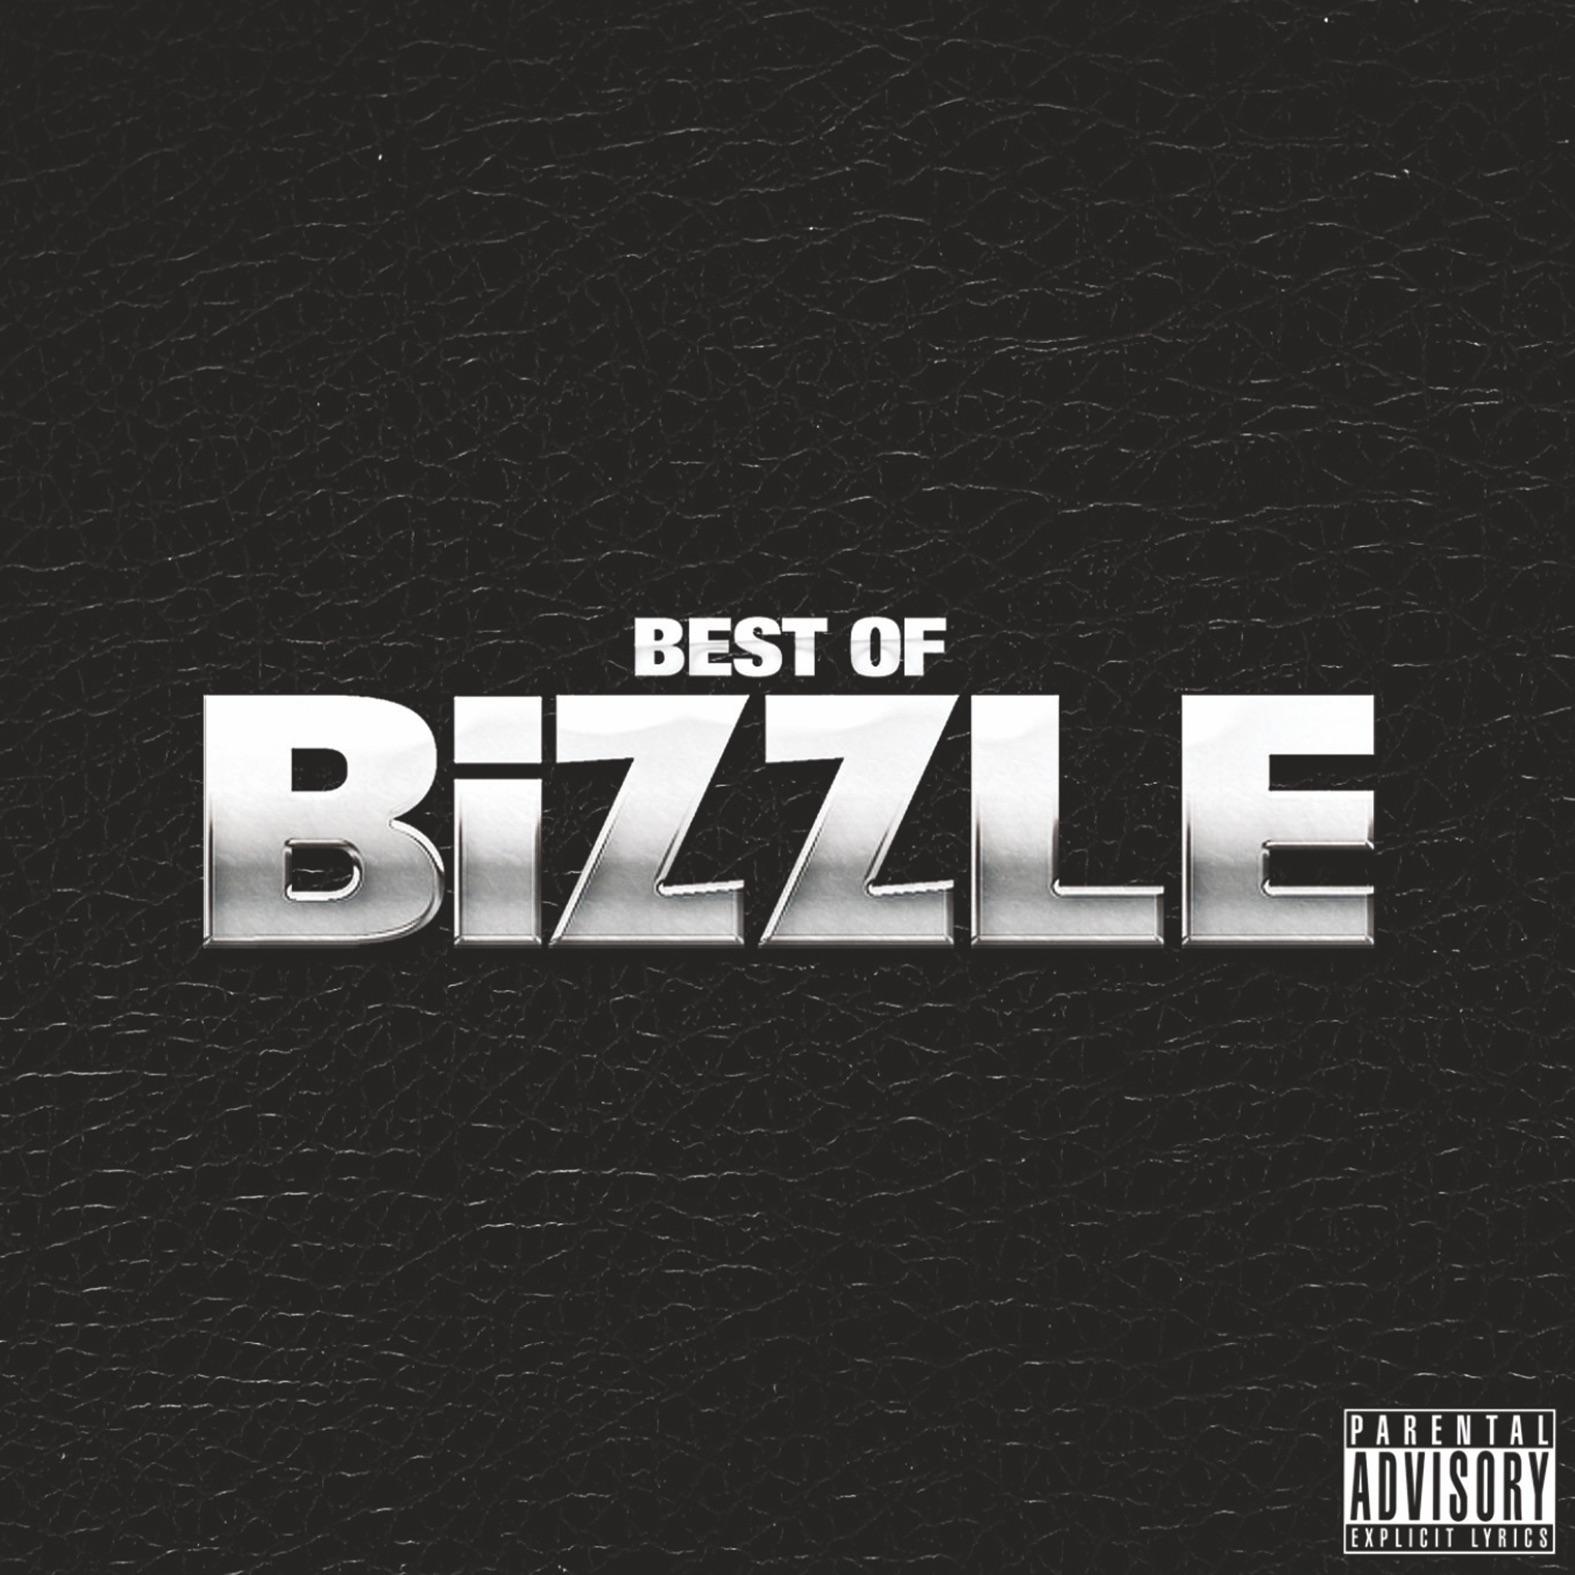 Lethal Bizzle album Best of Bizzle